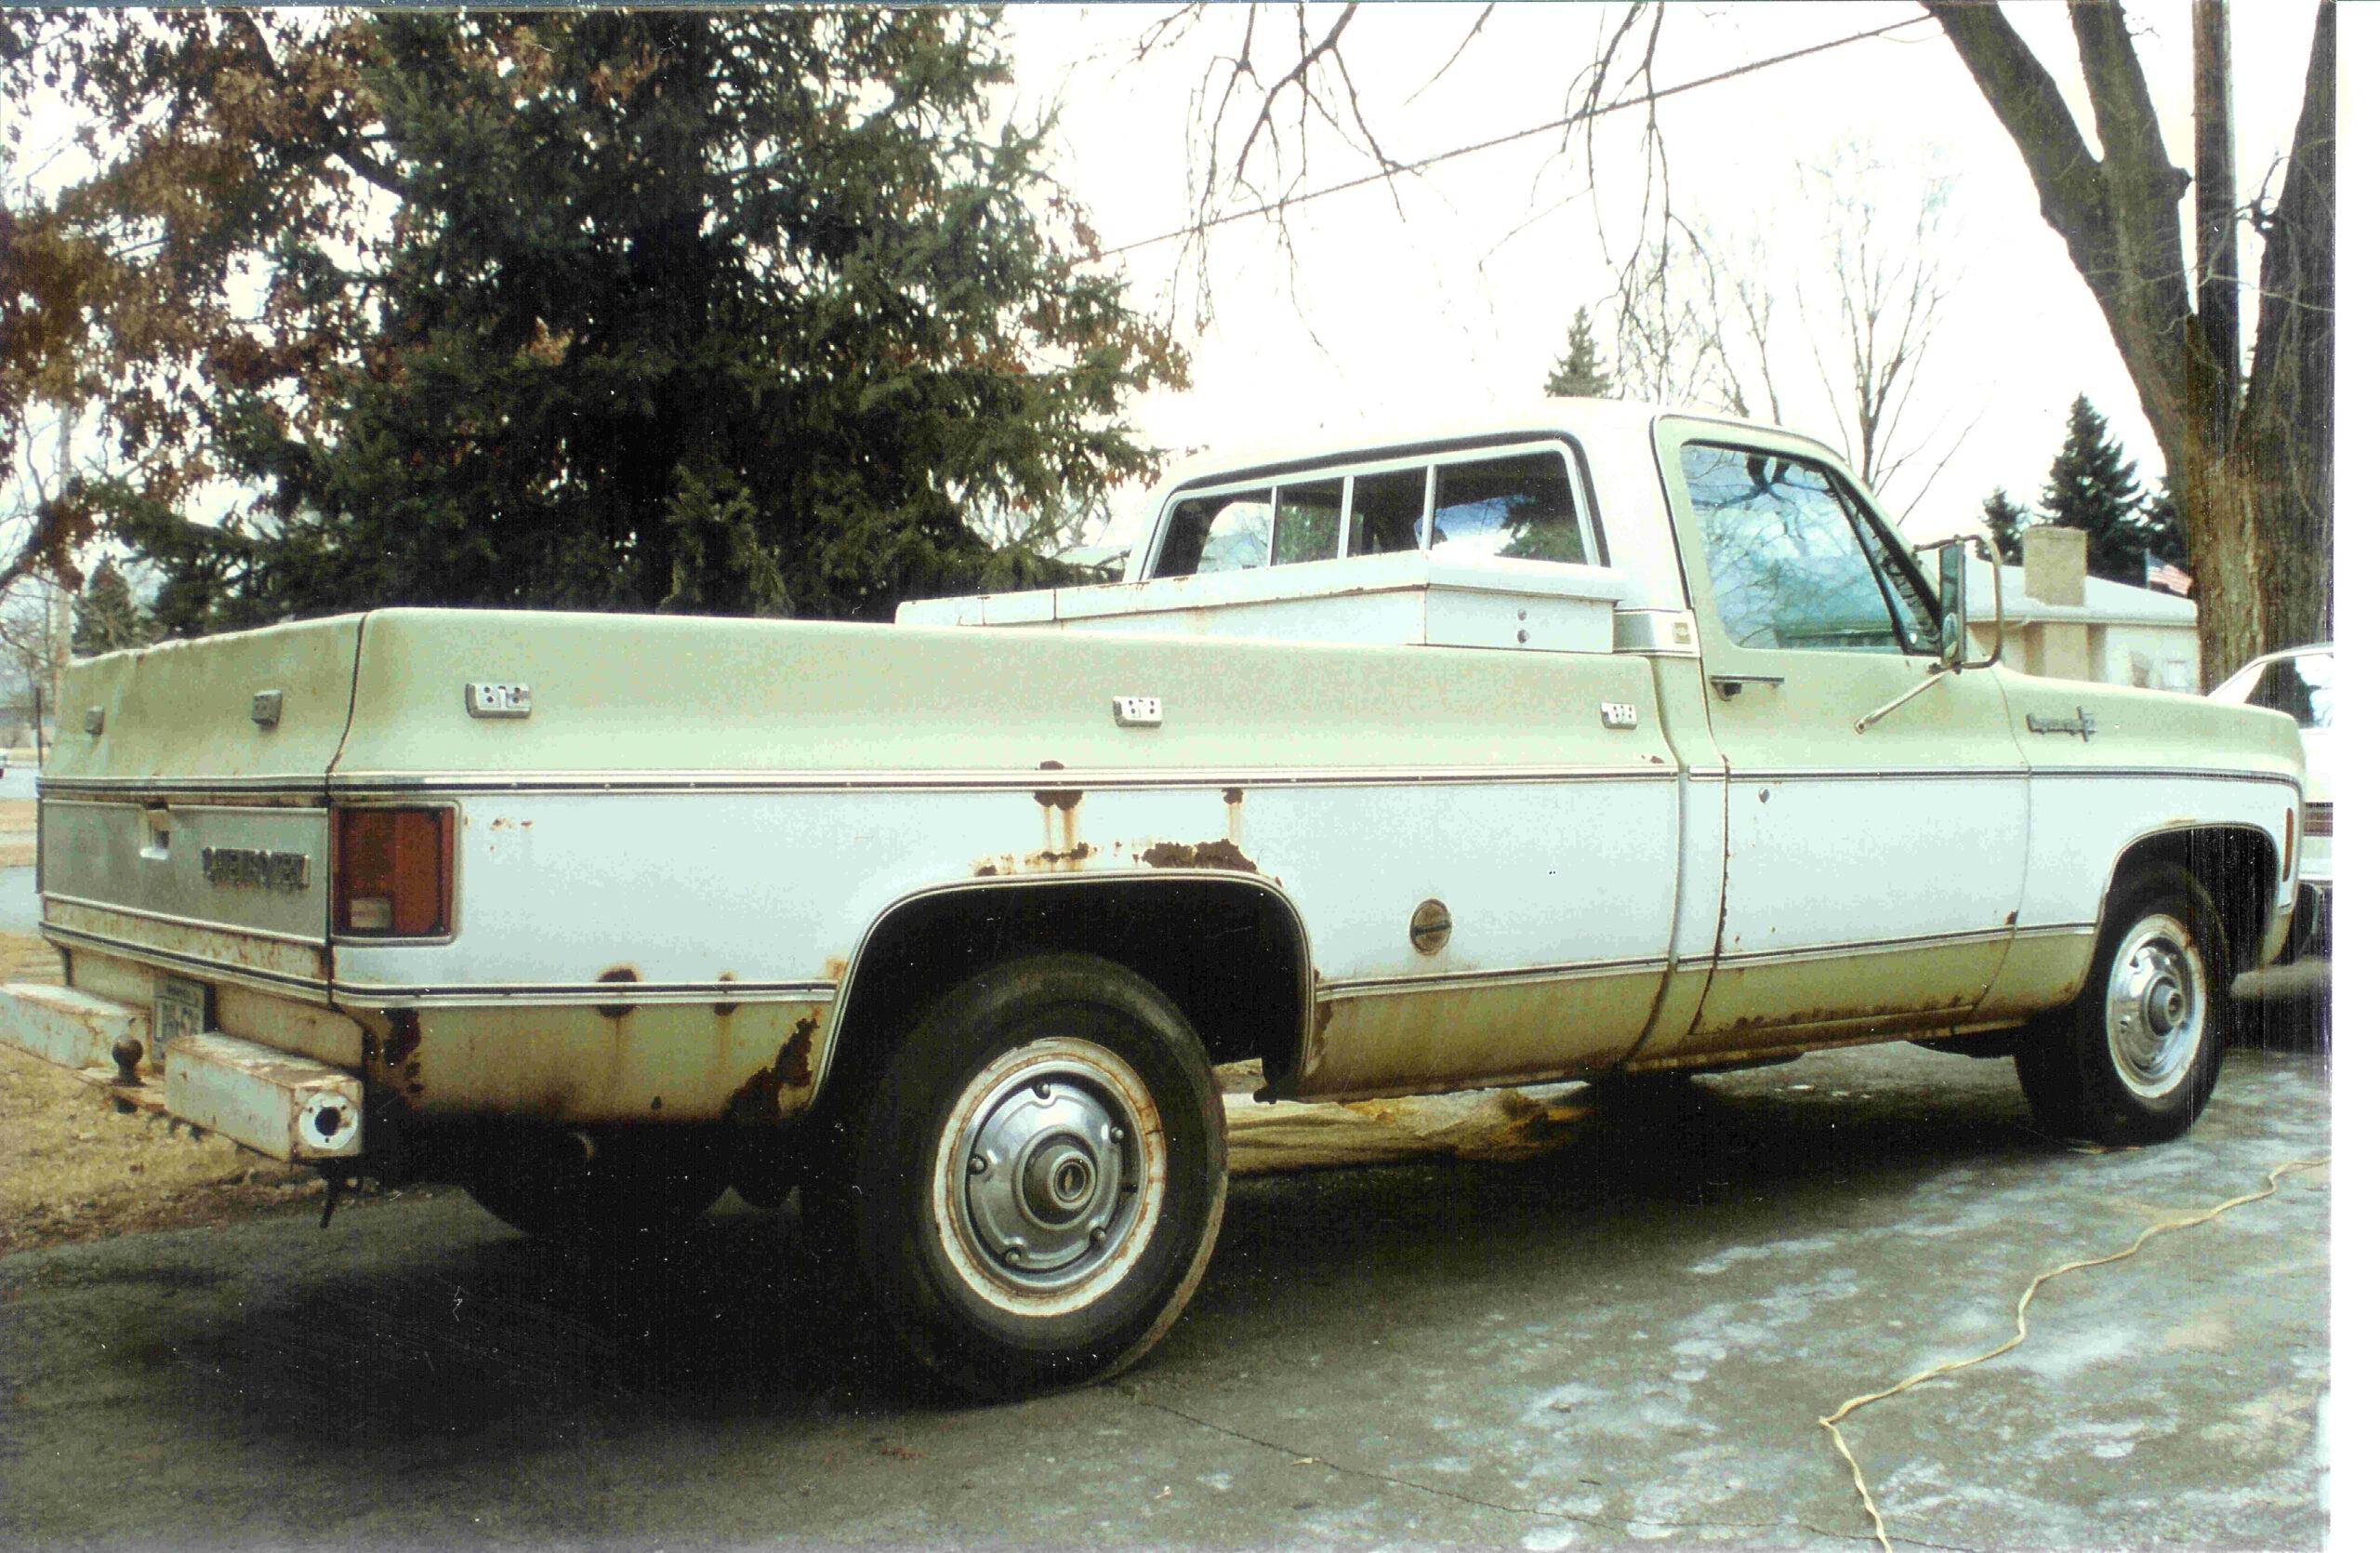 Karlan Hemper - Atlanta, GA - 1973 Chevy c20